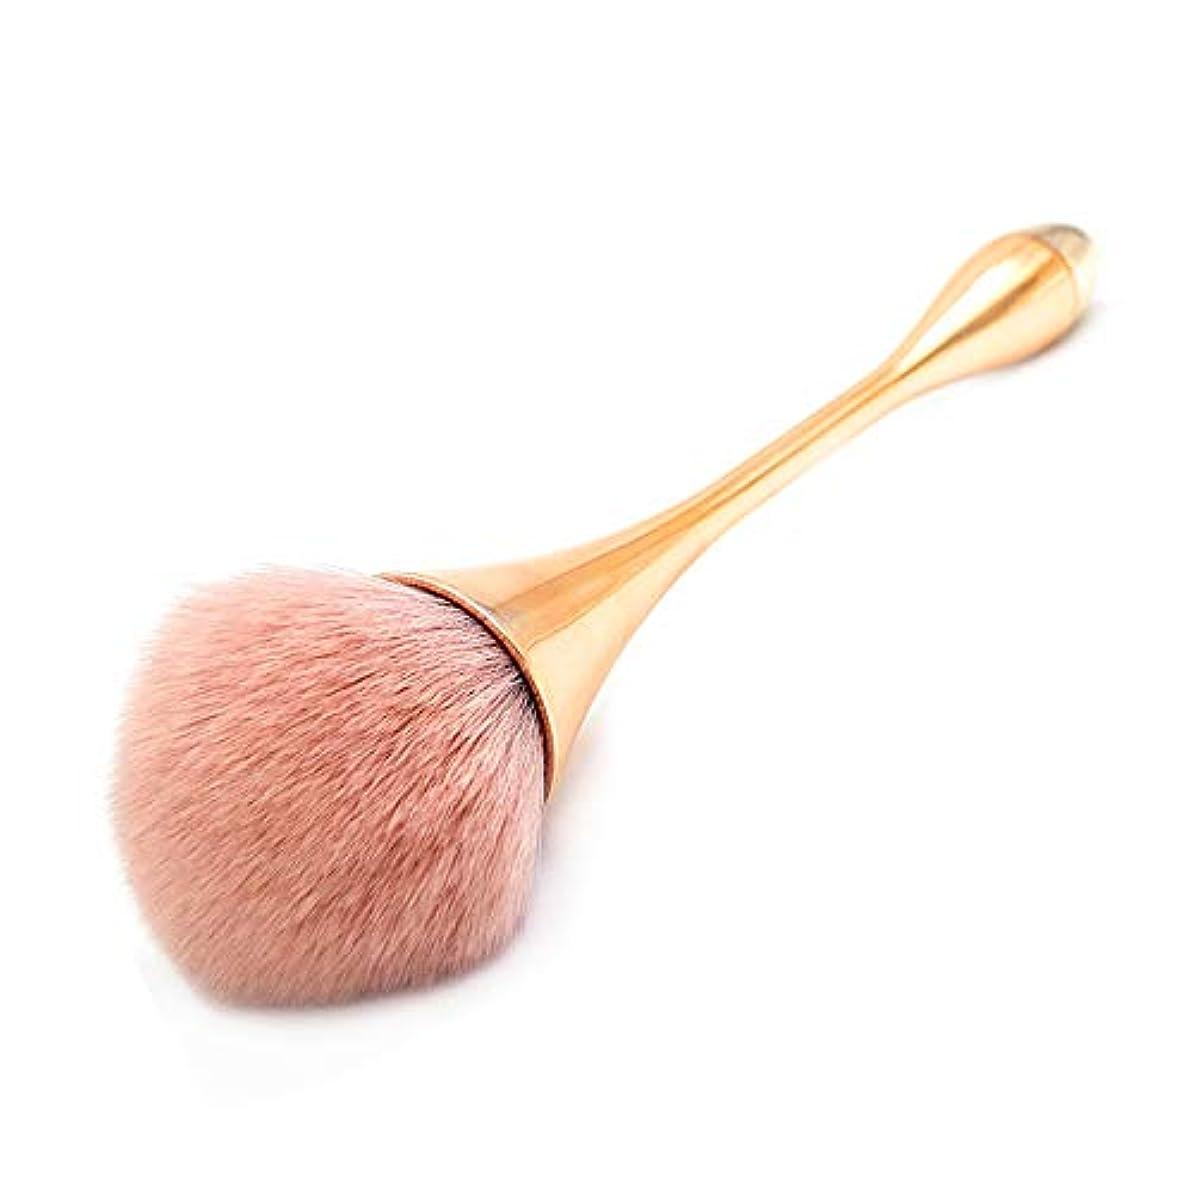 唯一合理的評価可能Vsheila 高級メイクブラシ 多機能メイクブラシ 化粧筆 ファンデーションブラシ フェイスブラシ パウダーブラシ ピンク